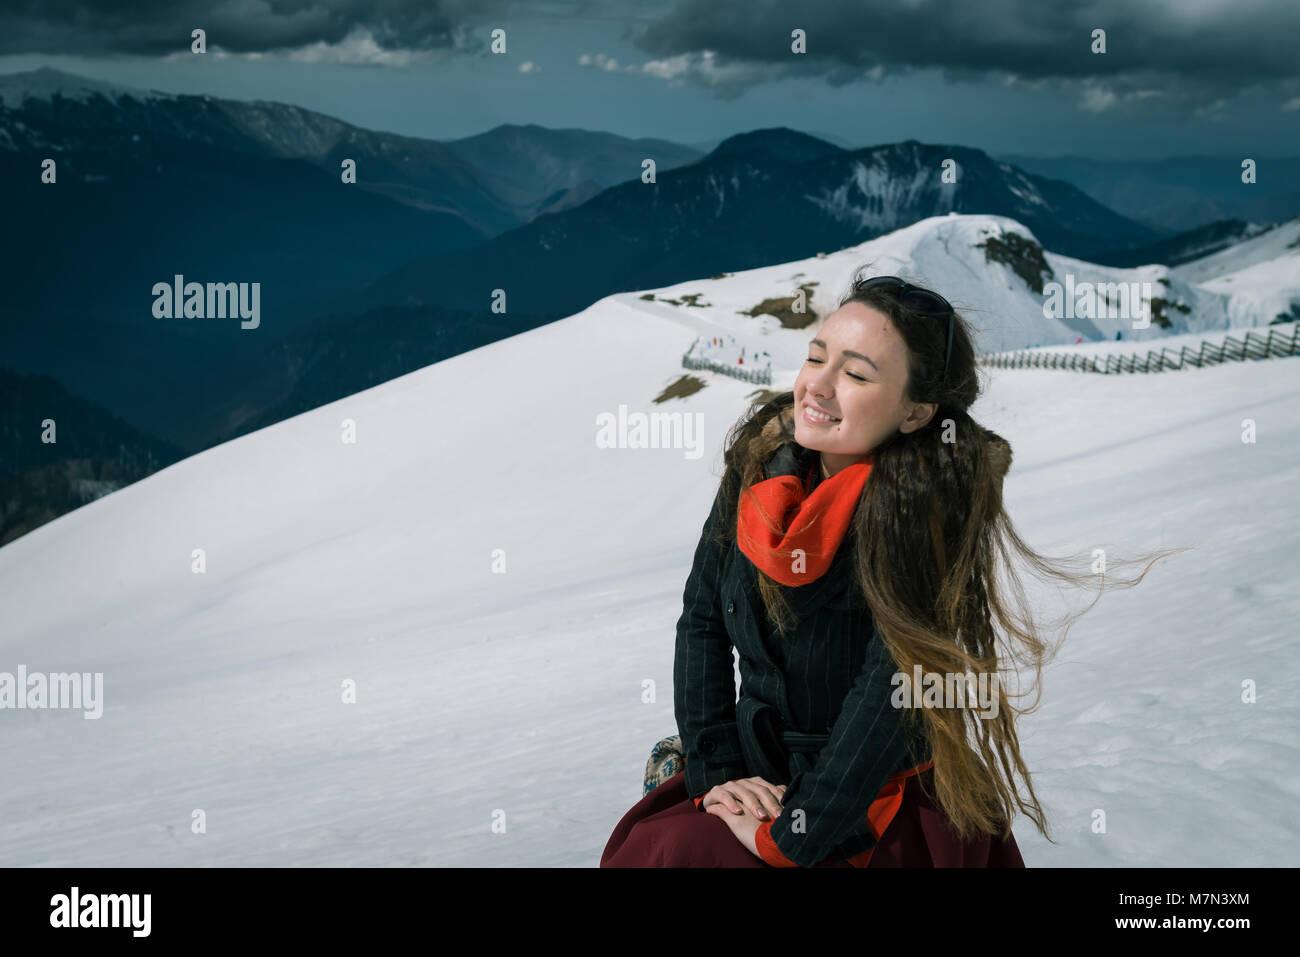 Junge Frau sitzt auf der Spitze der schneebedeckten Berge im Skigebiet. Trendy Traveler bietet einen wundervollen Stockbild